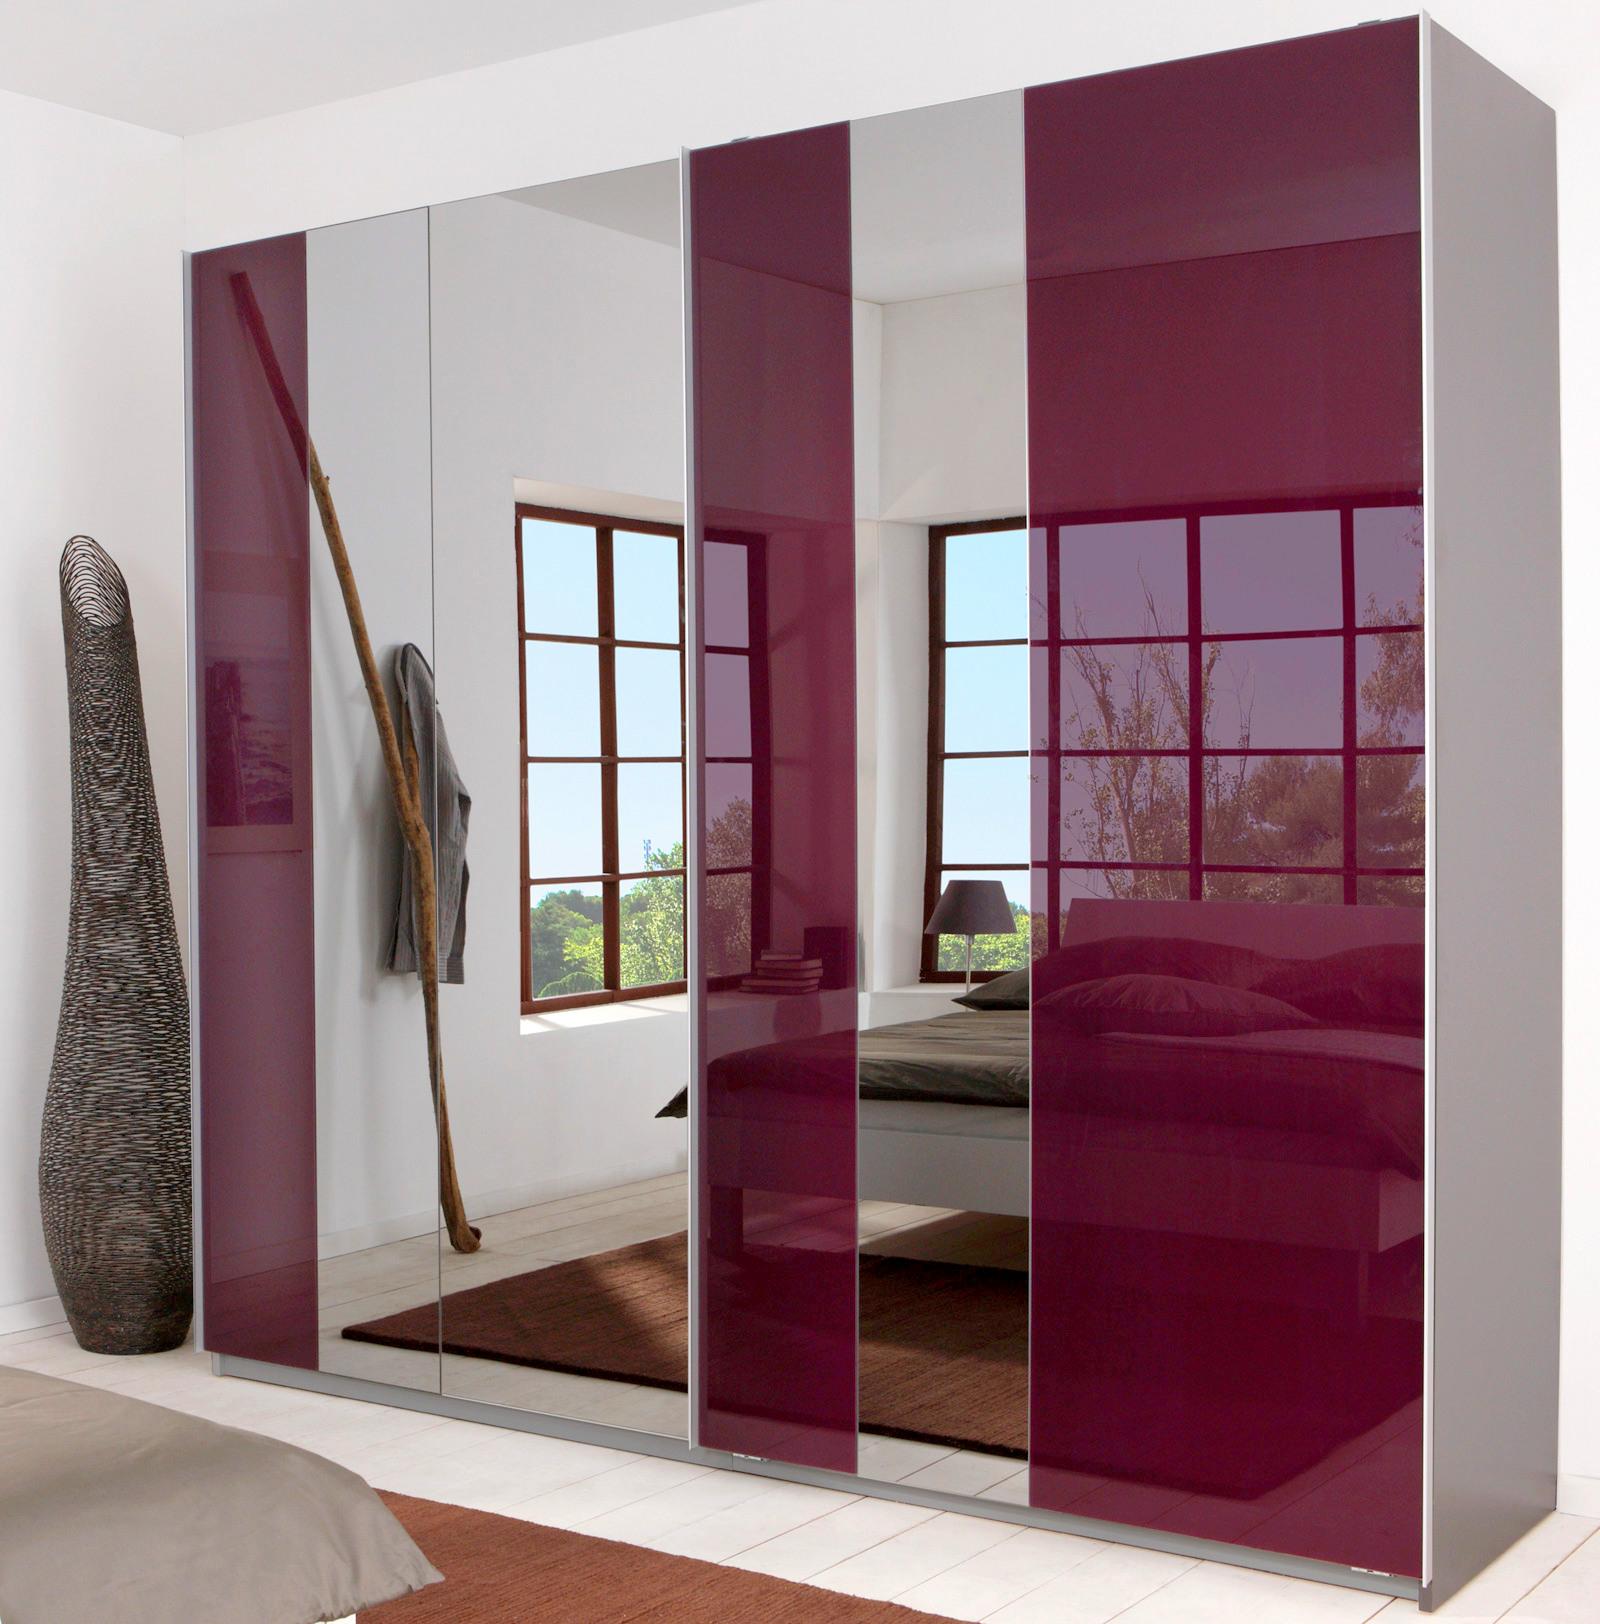 Серо-розовый глянцевый шкаф-купе с зеркальными вставками